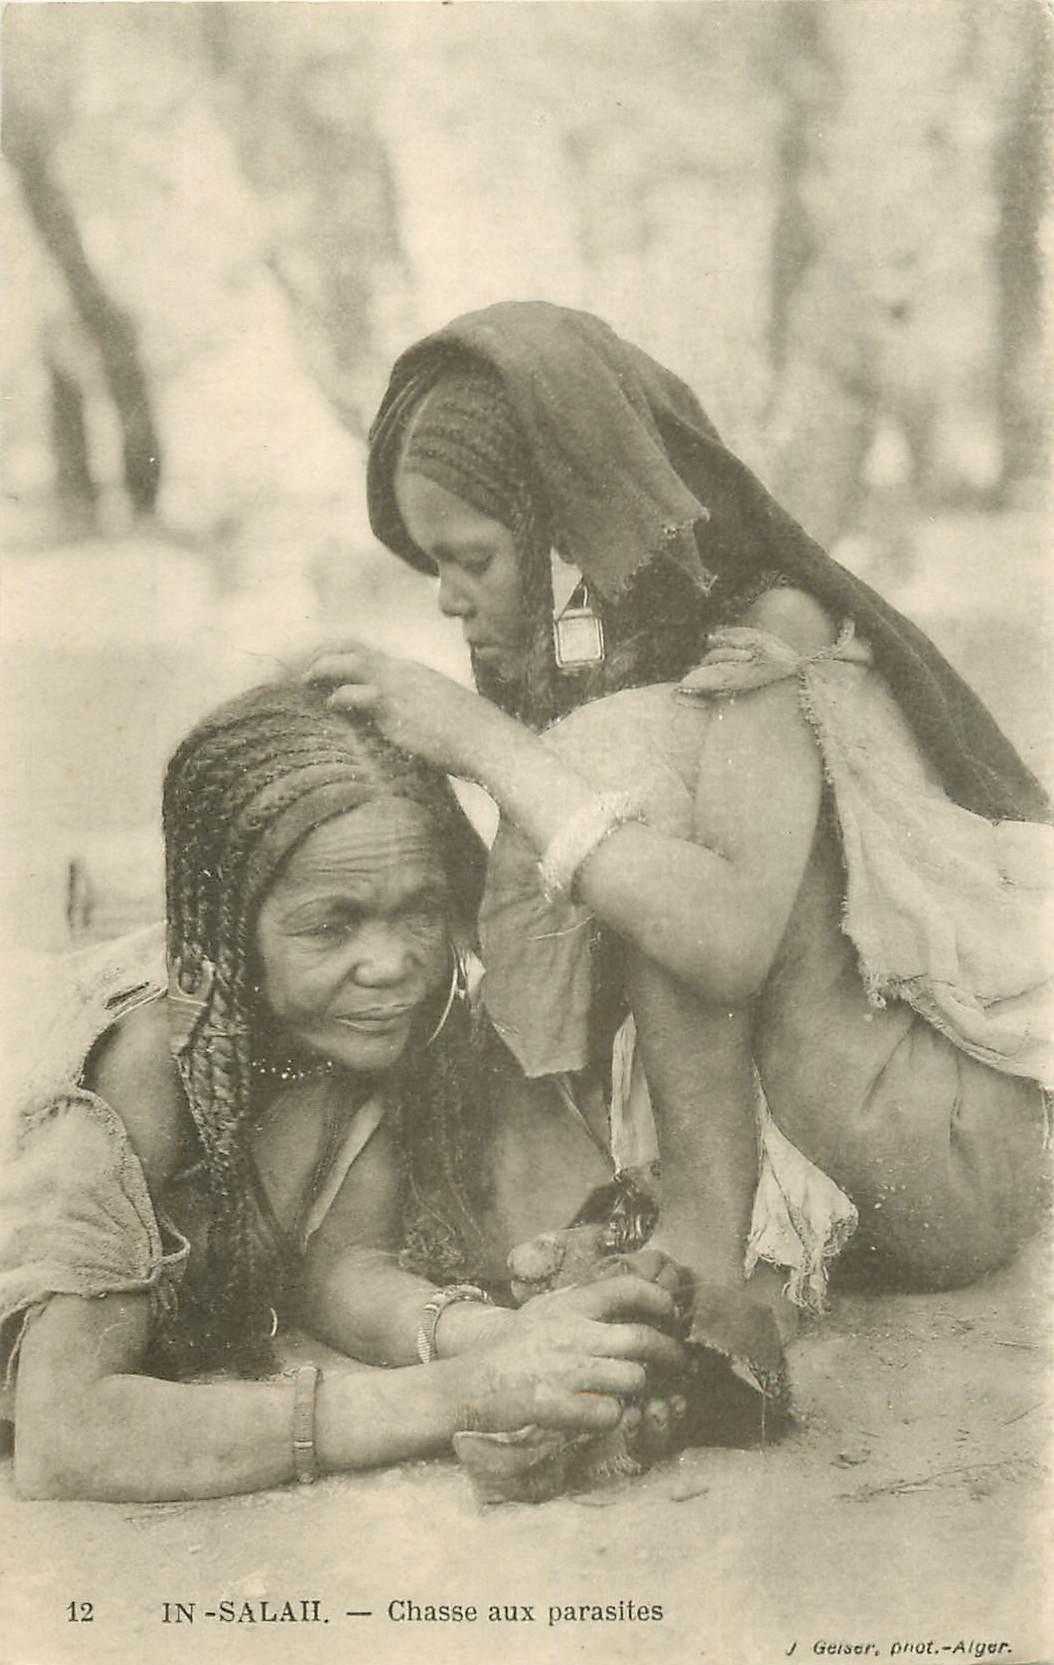 WW ALGERIE. In-Salah Chasse aux parasites et poux